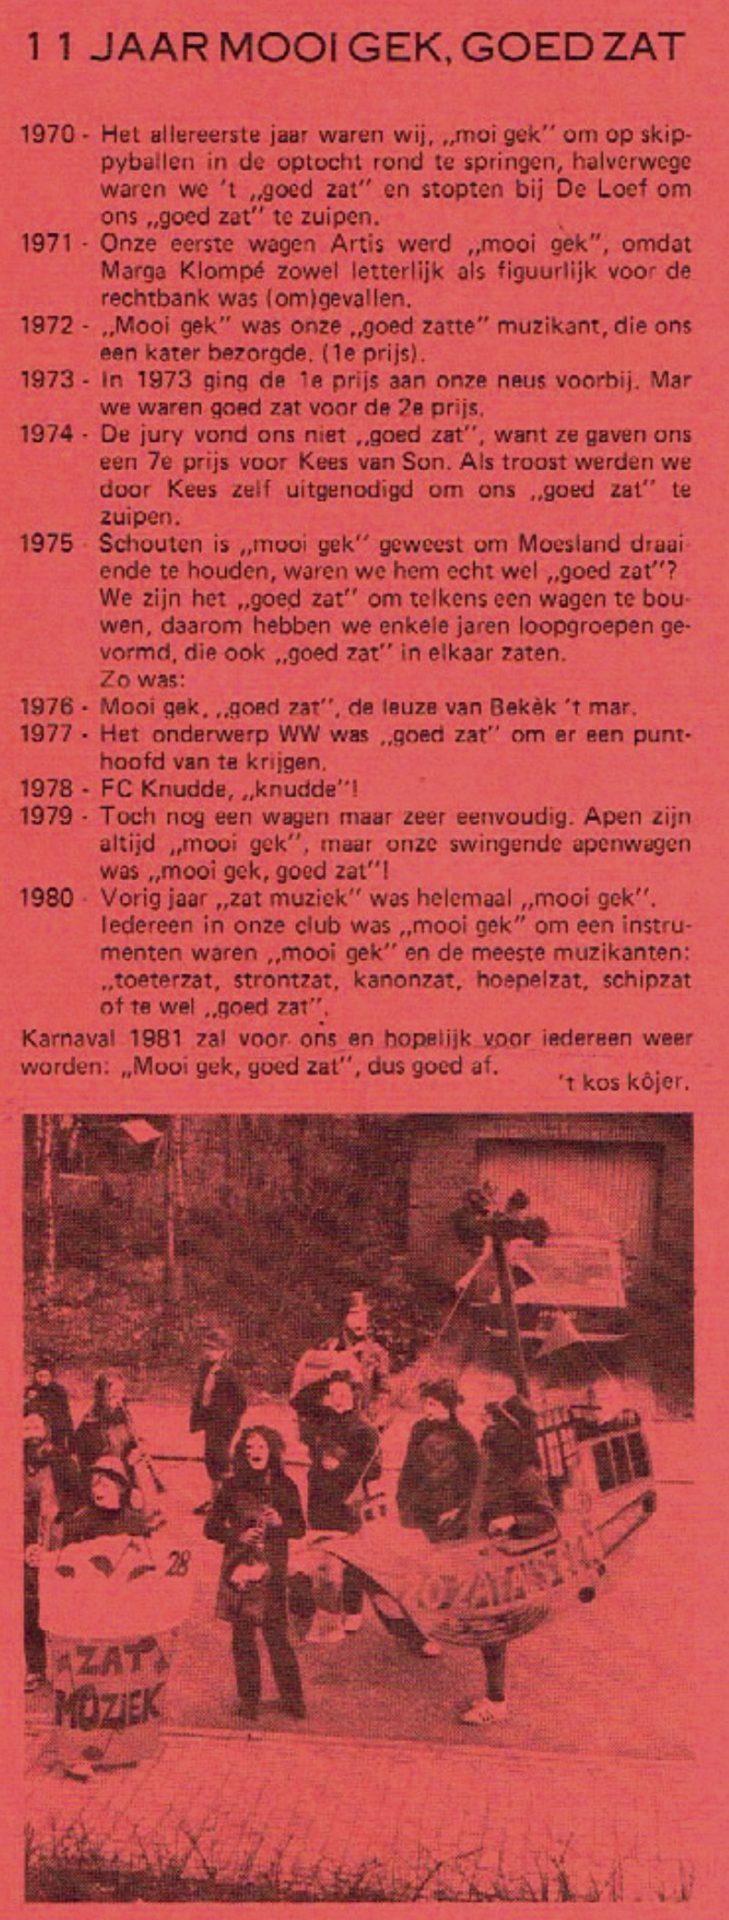 Stukje uit de carnavalskrant van 't Kos Kojer - 1981